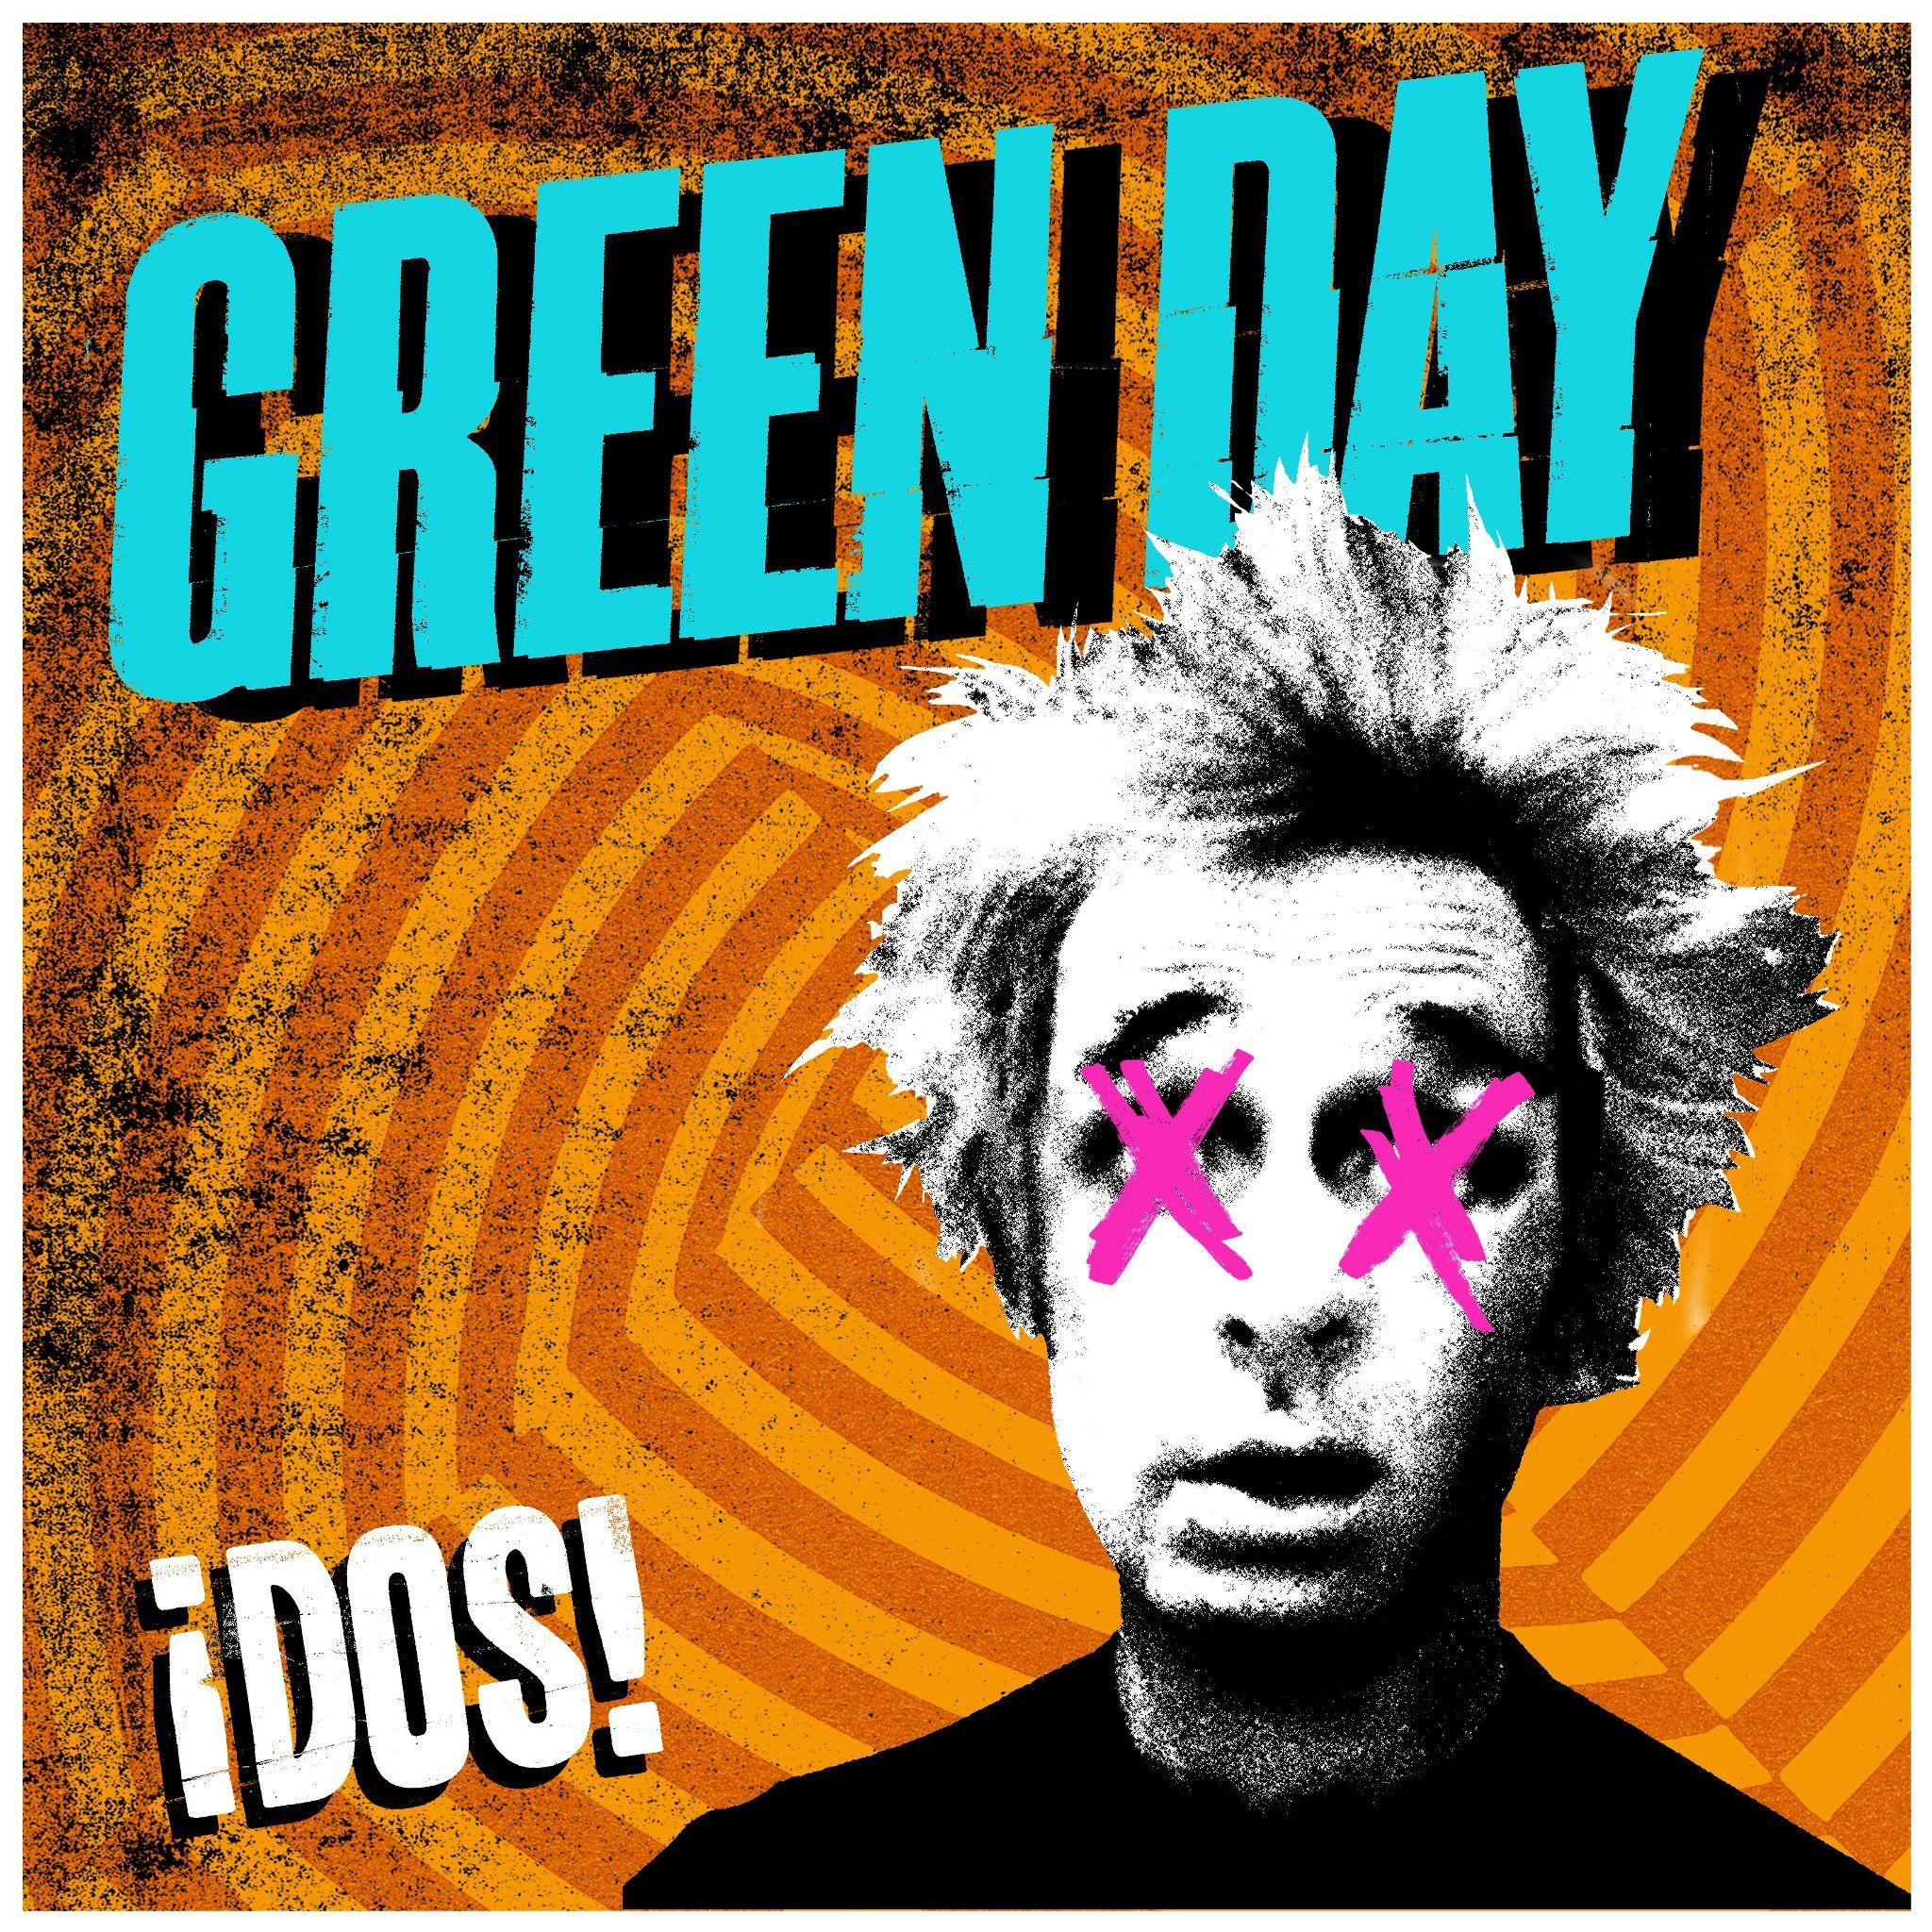 Green Day - ¡dos! album cover